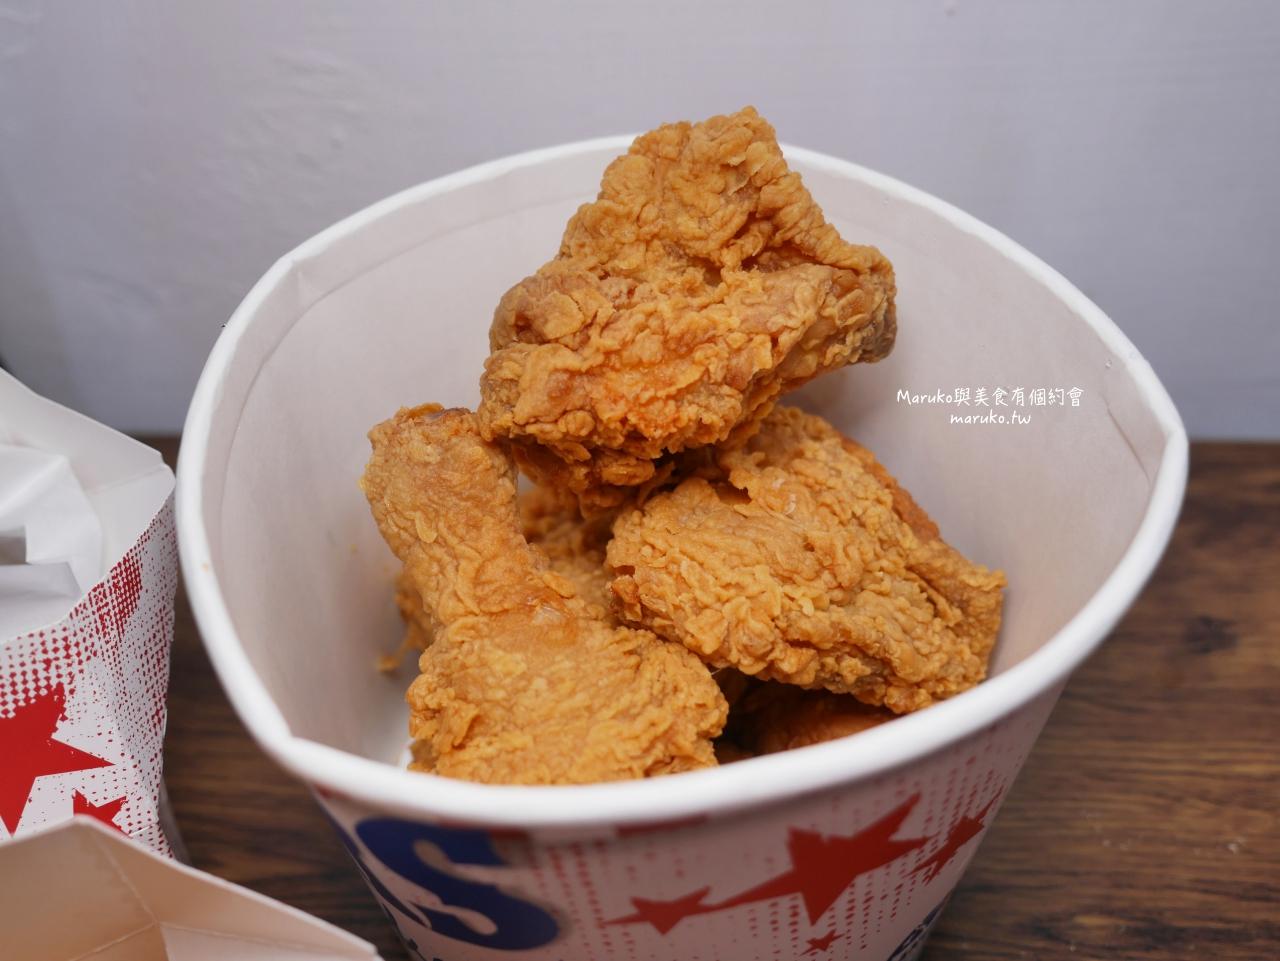 【飛利浦氣炸鍋食譜】一鍋三菜|運用氣炸鍋配件做出十個簡單的低醣料理 @Maruko與美食有個約會